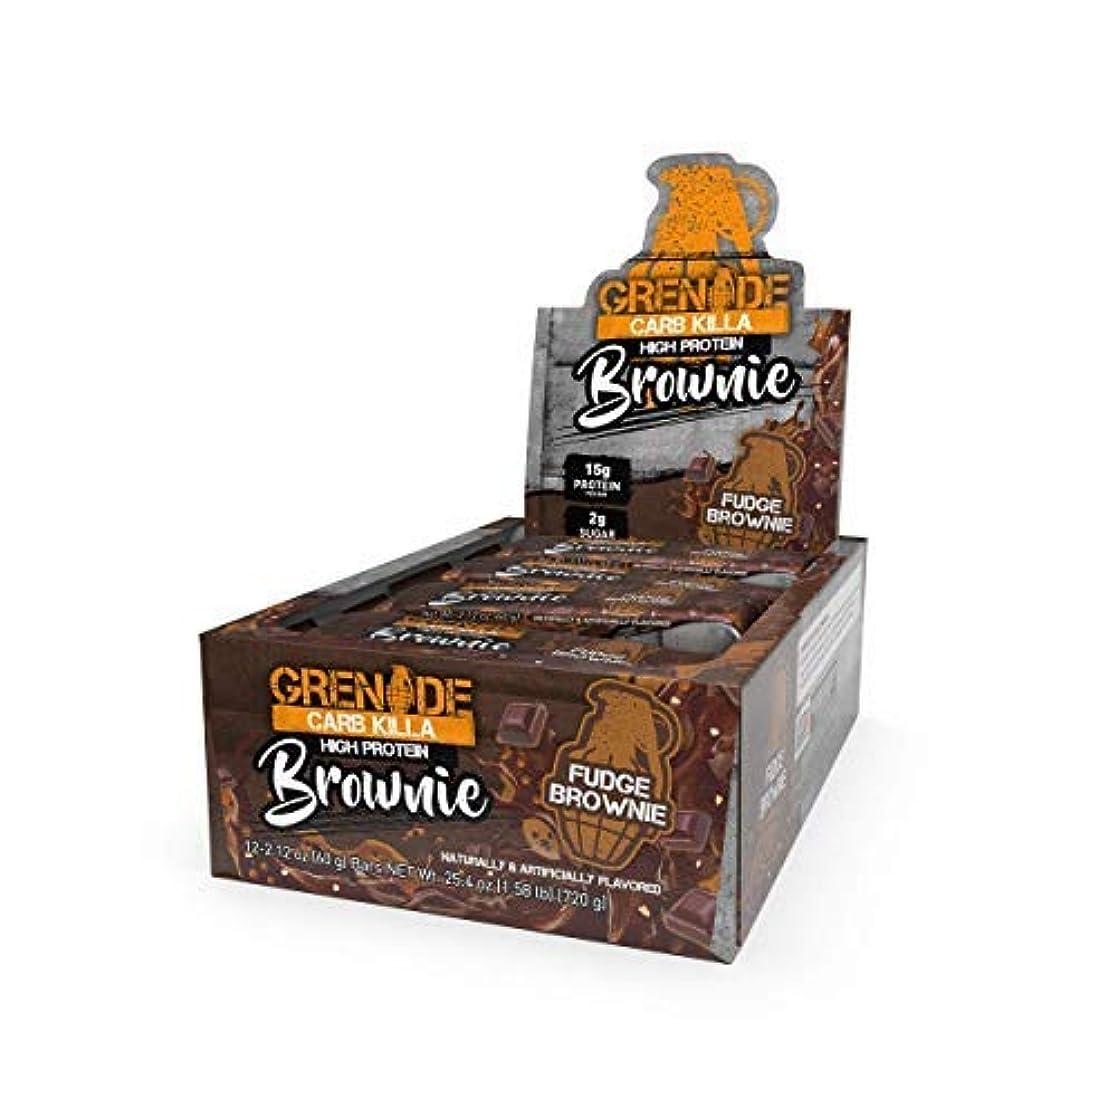 アクセサリー回転する家禽Grenade Carb Killa Brownie High Protein Suitable Meal Replacement for Weight Loss 60 Grams Pack of 12 [並行輸入品]